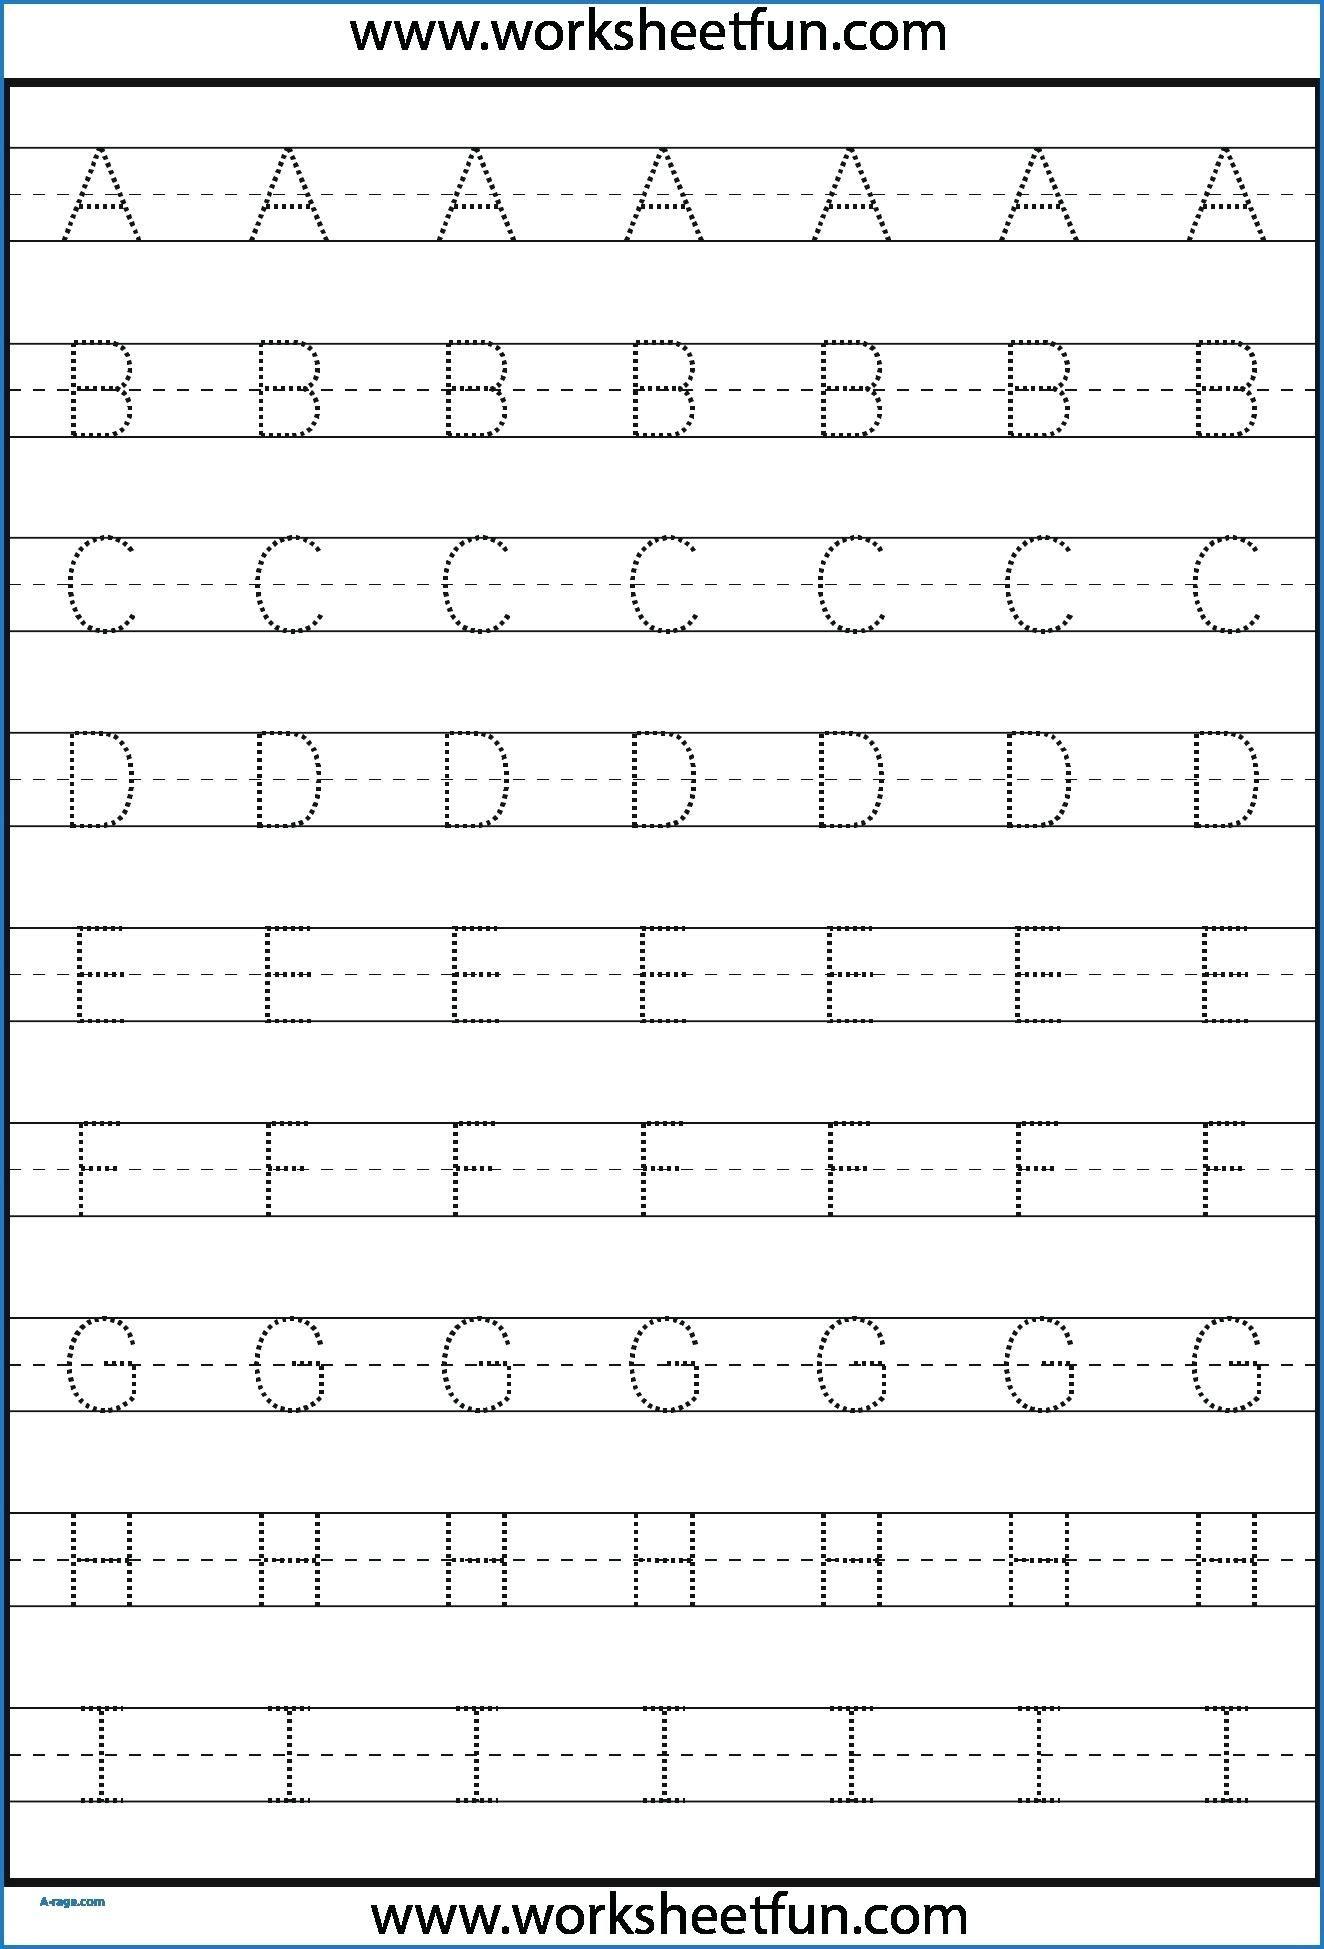 Kindergarten Letter Tracing Worksheets Pdf - Wallpaper Image regarding Trace Letters Worksheet For Grade 1